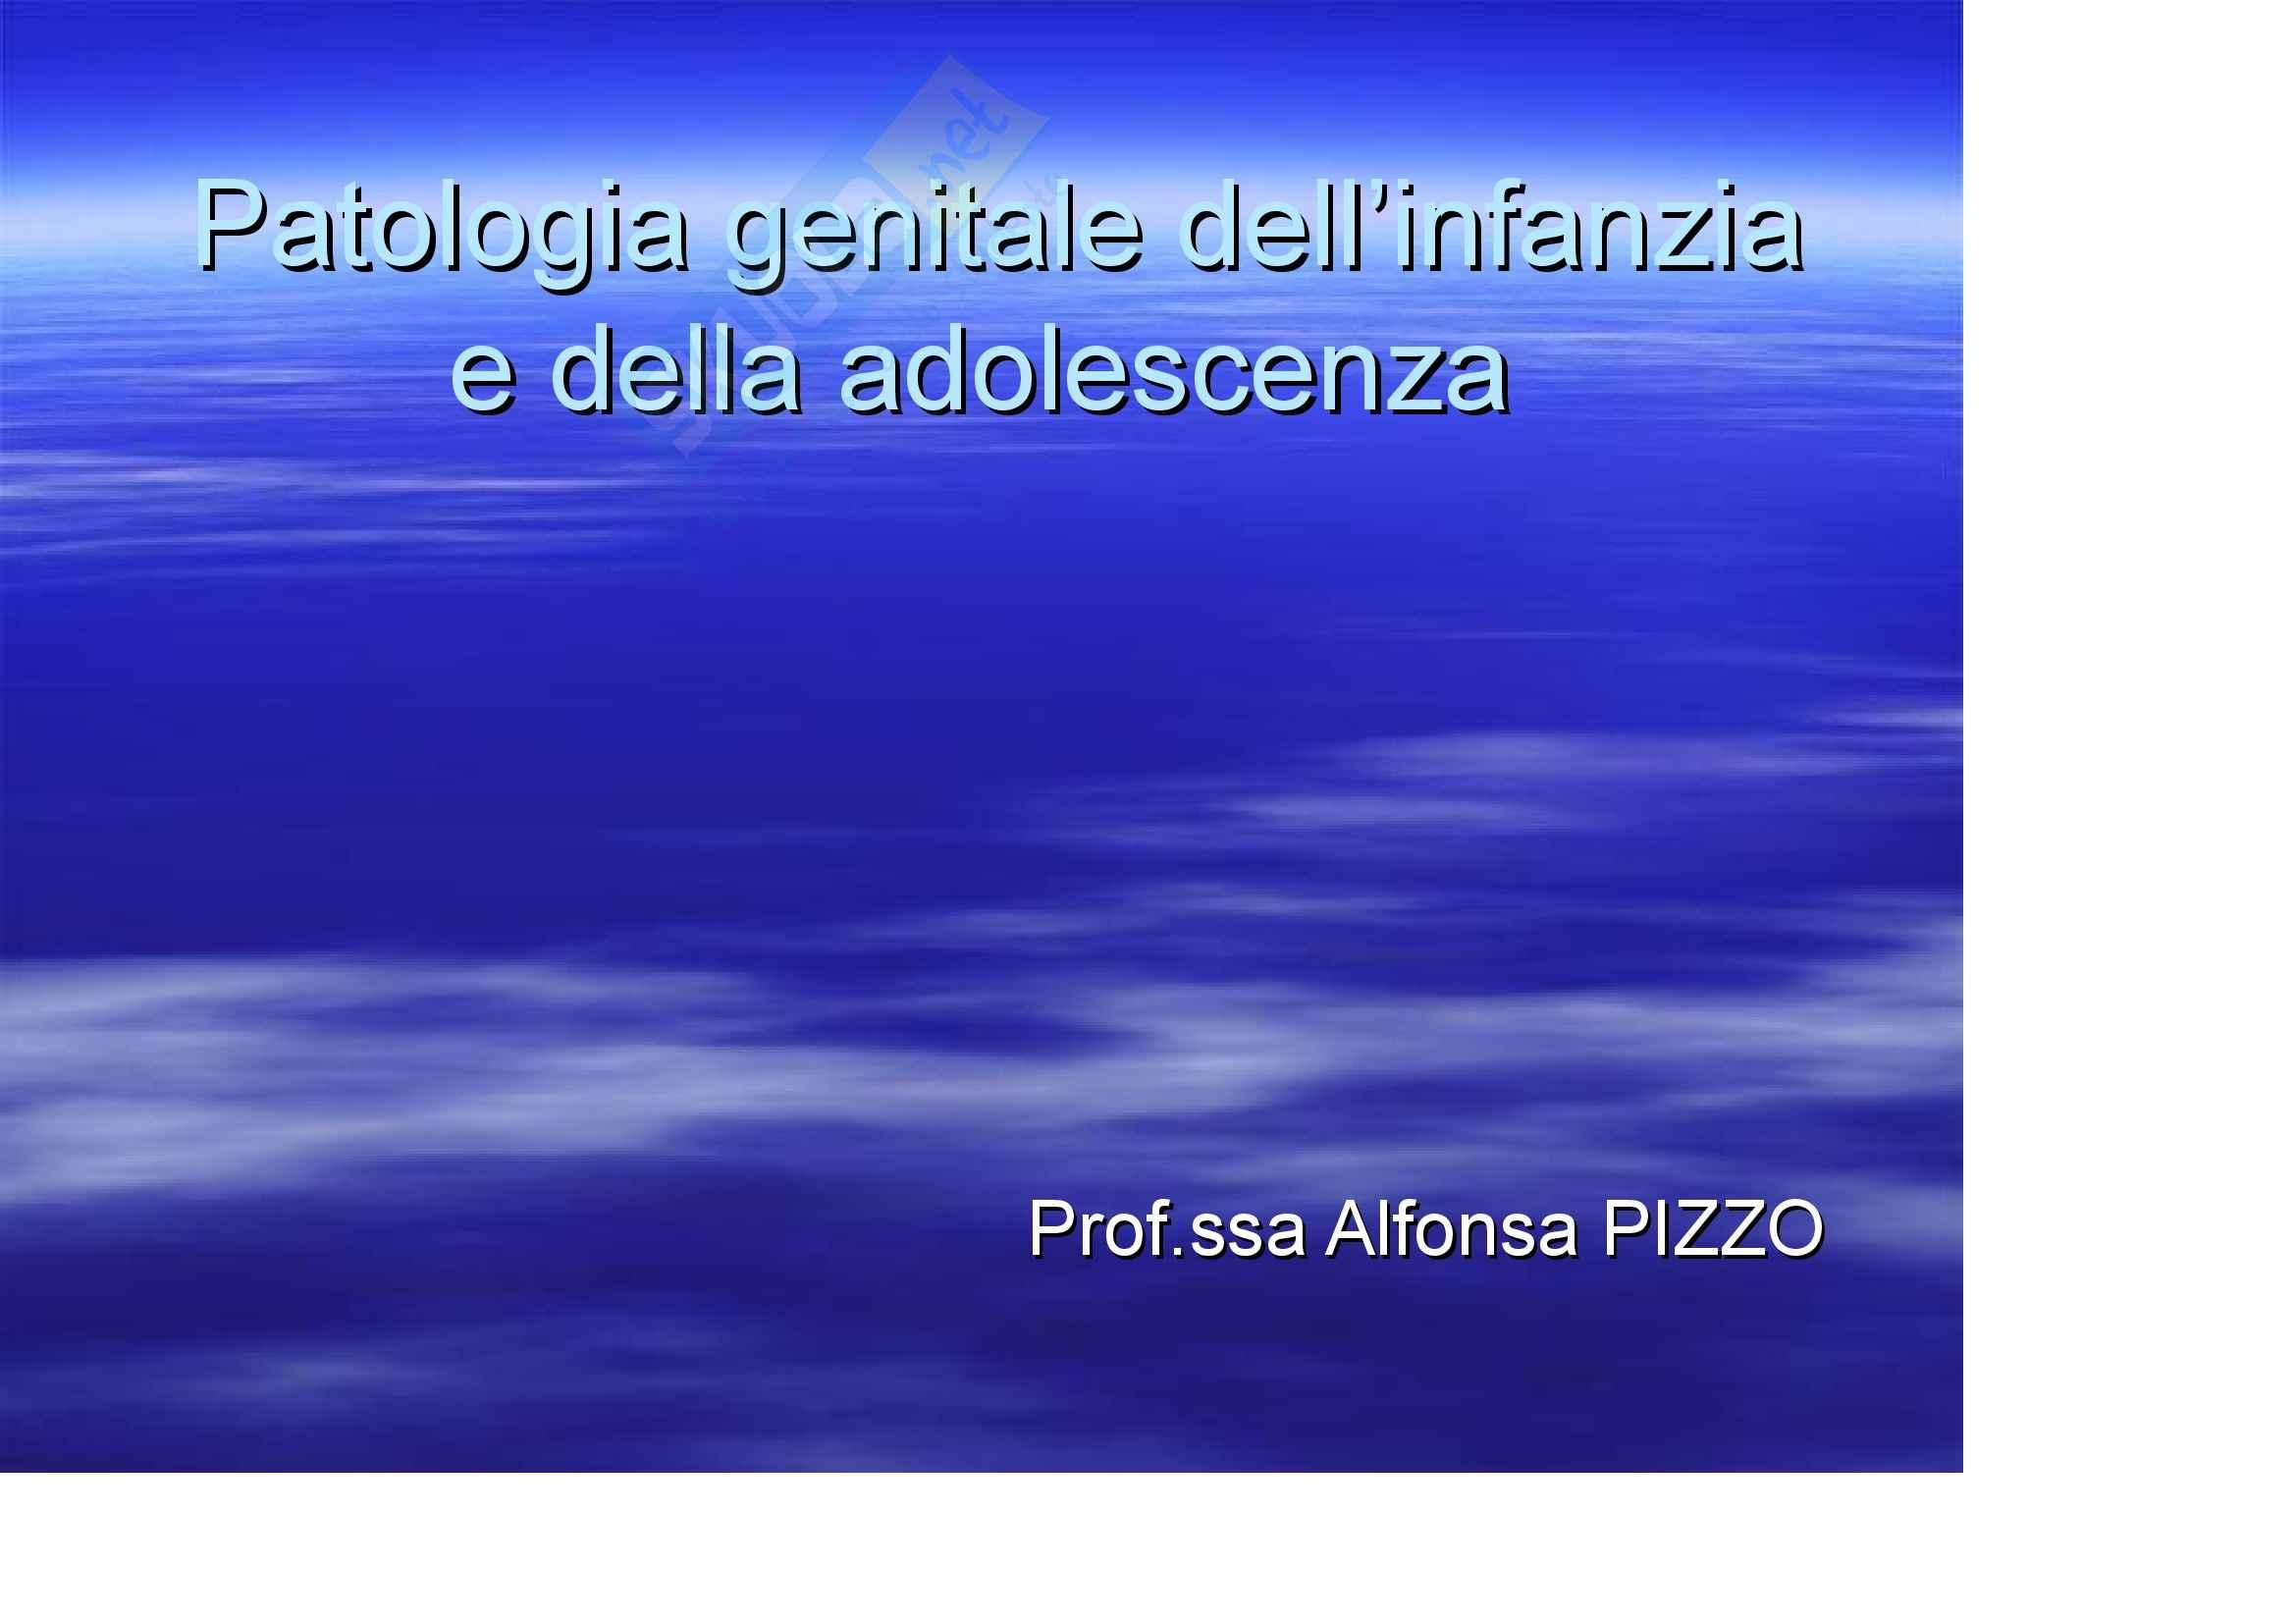 Ginecologia e ostetricia - Patologia Ginecologica dell'infanzia